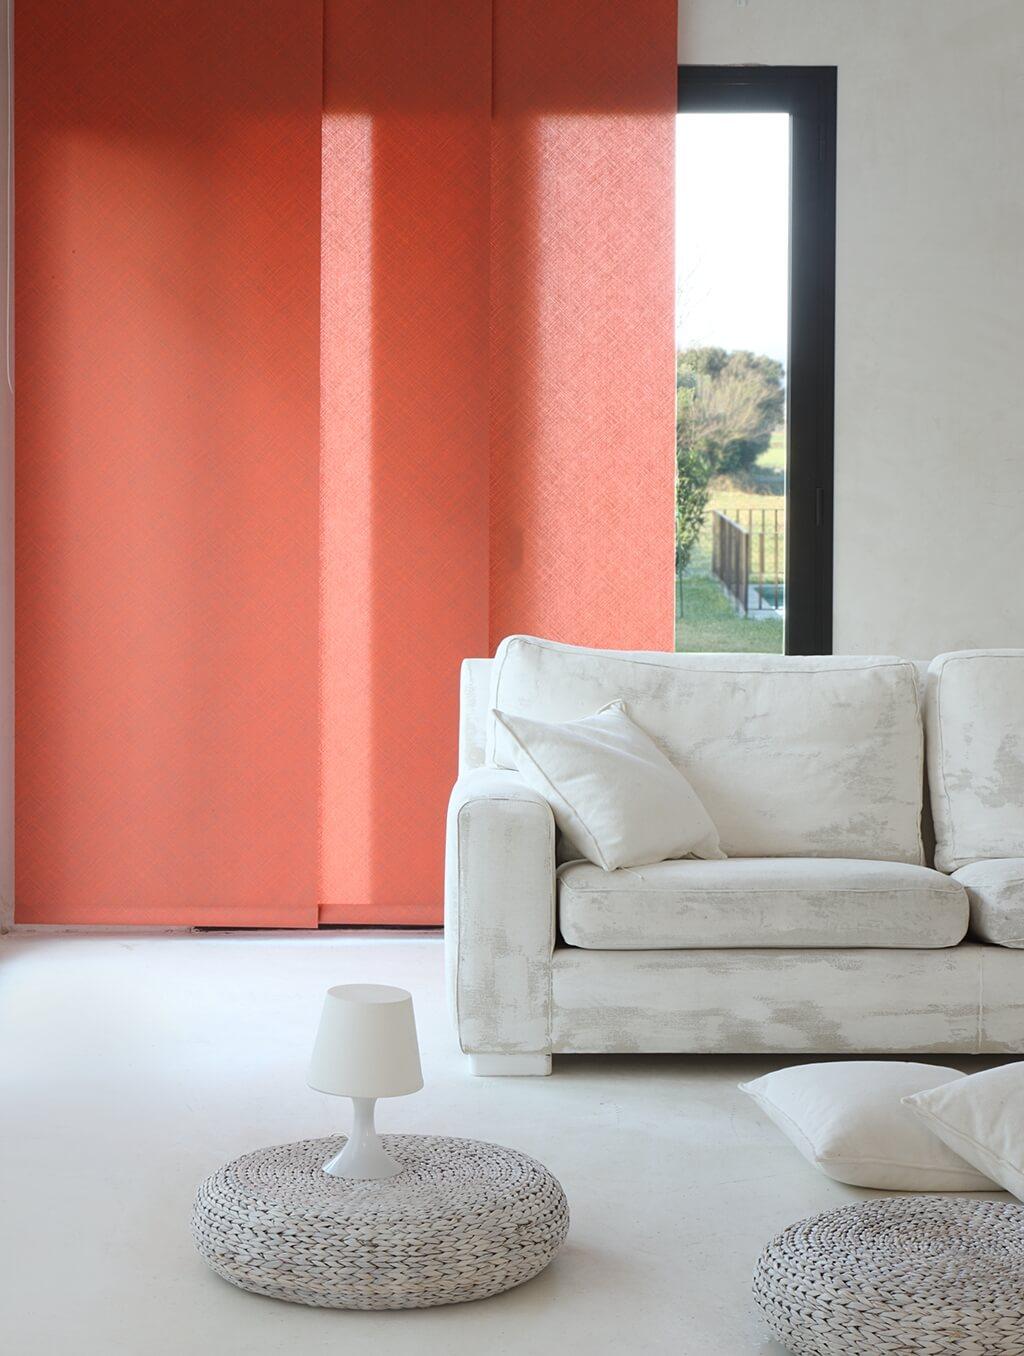 Flächenvorhang Bandalux mit rotem Dekorstoff